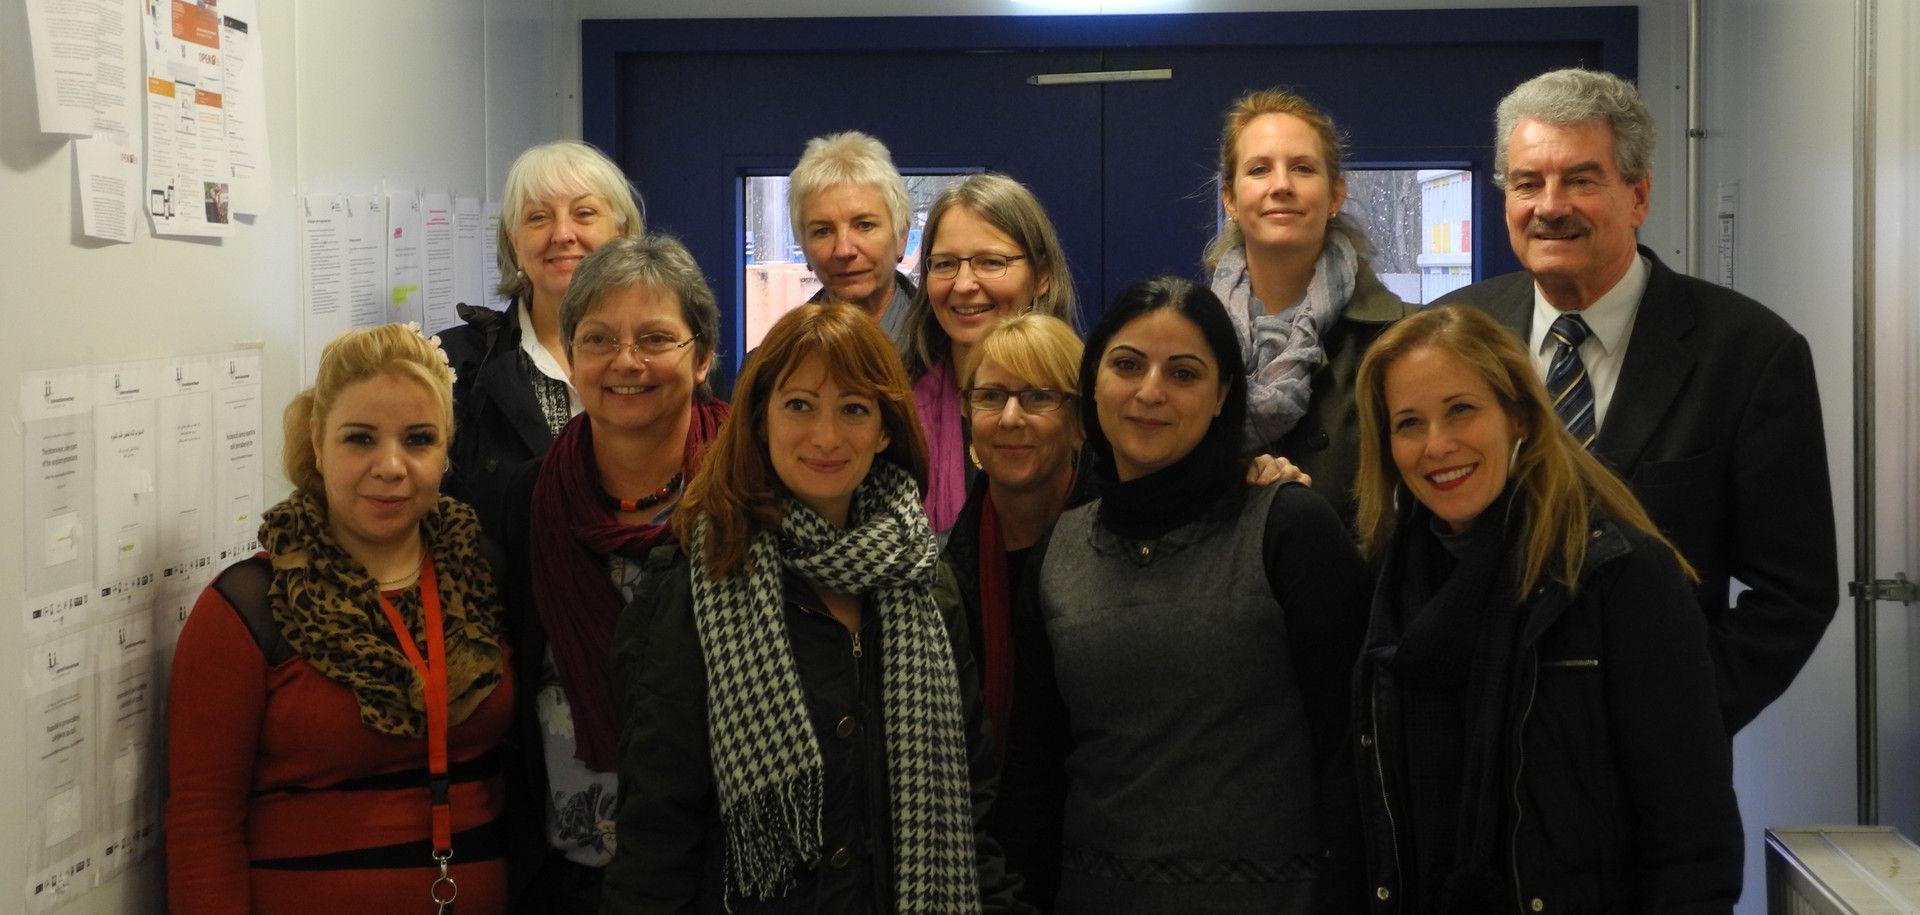 Eine Delegation von Friedensnobelpreisträgerinnen hat eine Flüchtlingsunterkunft unseres Bündnismitgliedes AWO besucht. Sie haben sich mit betroffenen Frauen und Mädchen über die besonderen Gefahren für und den Schutz von Frauen auf der Flucht ausgetauscht.